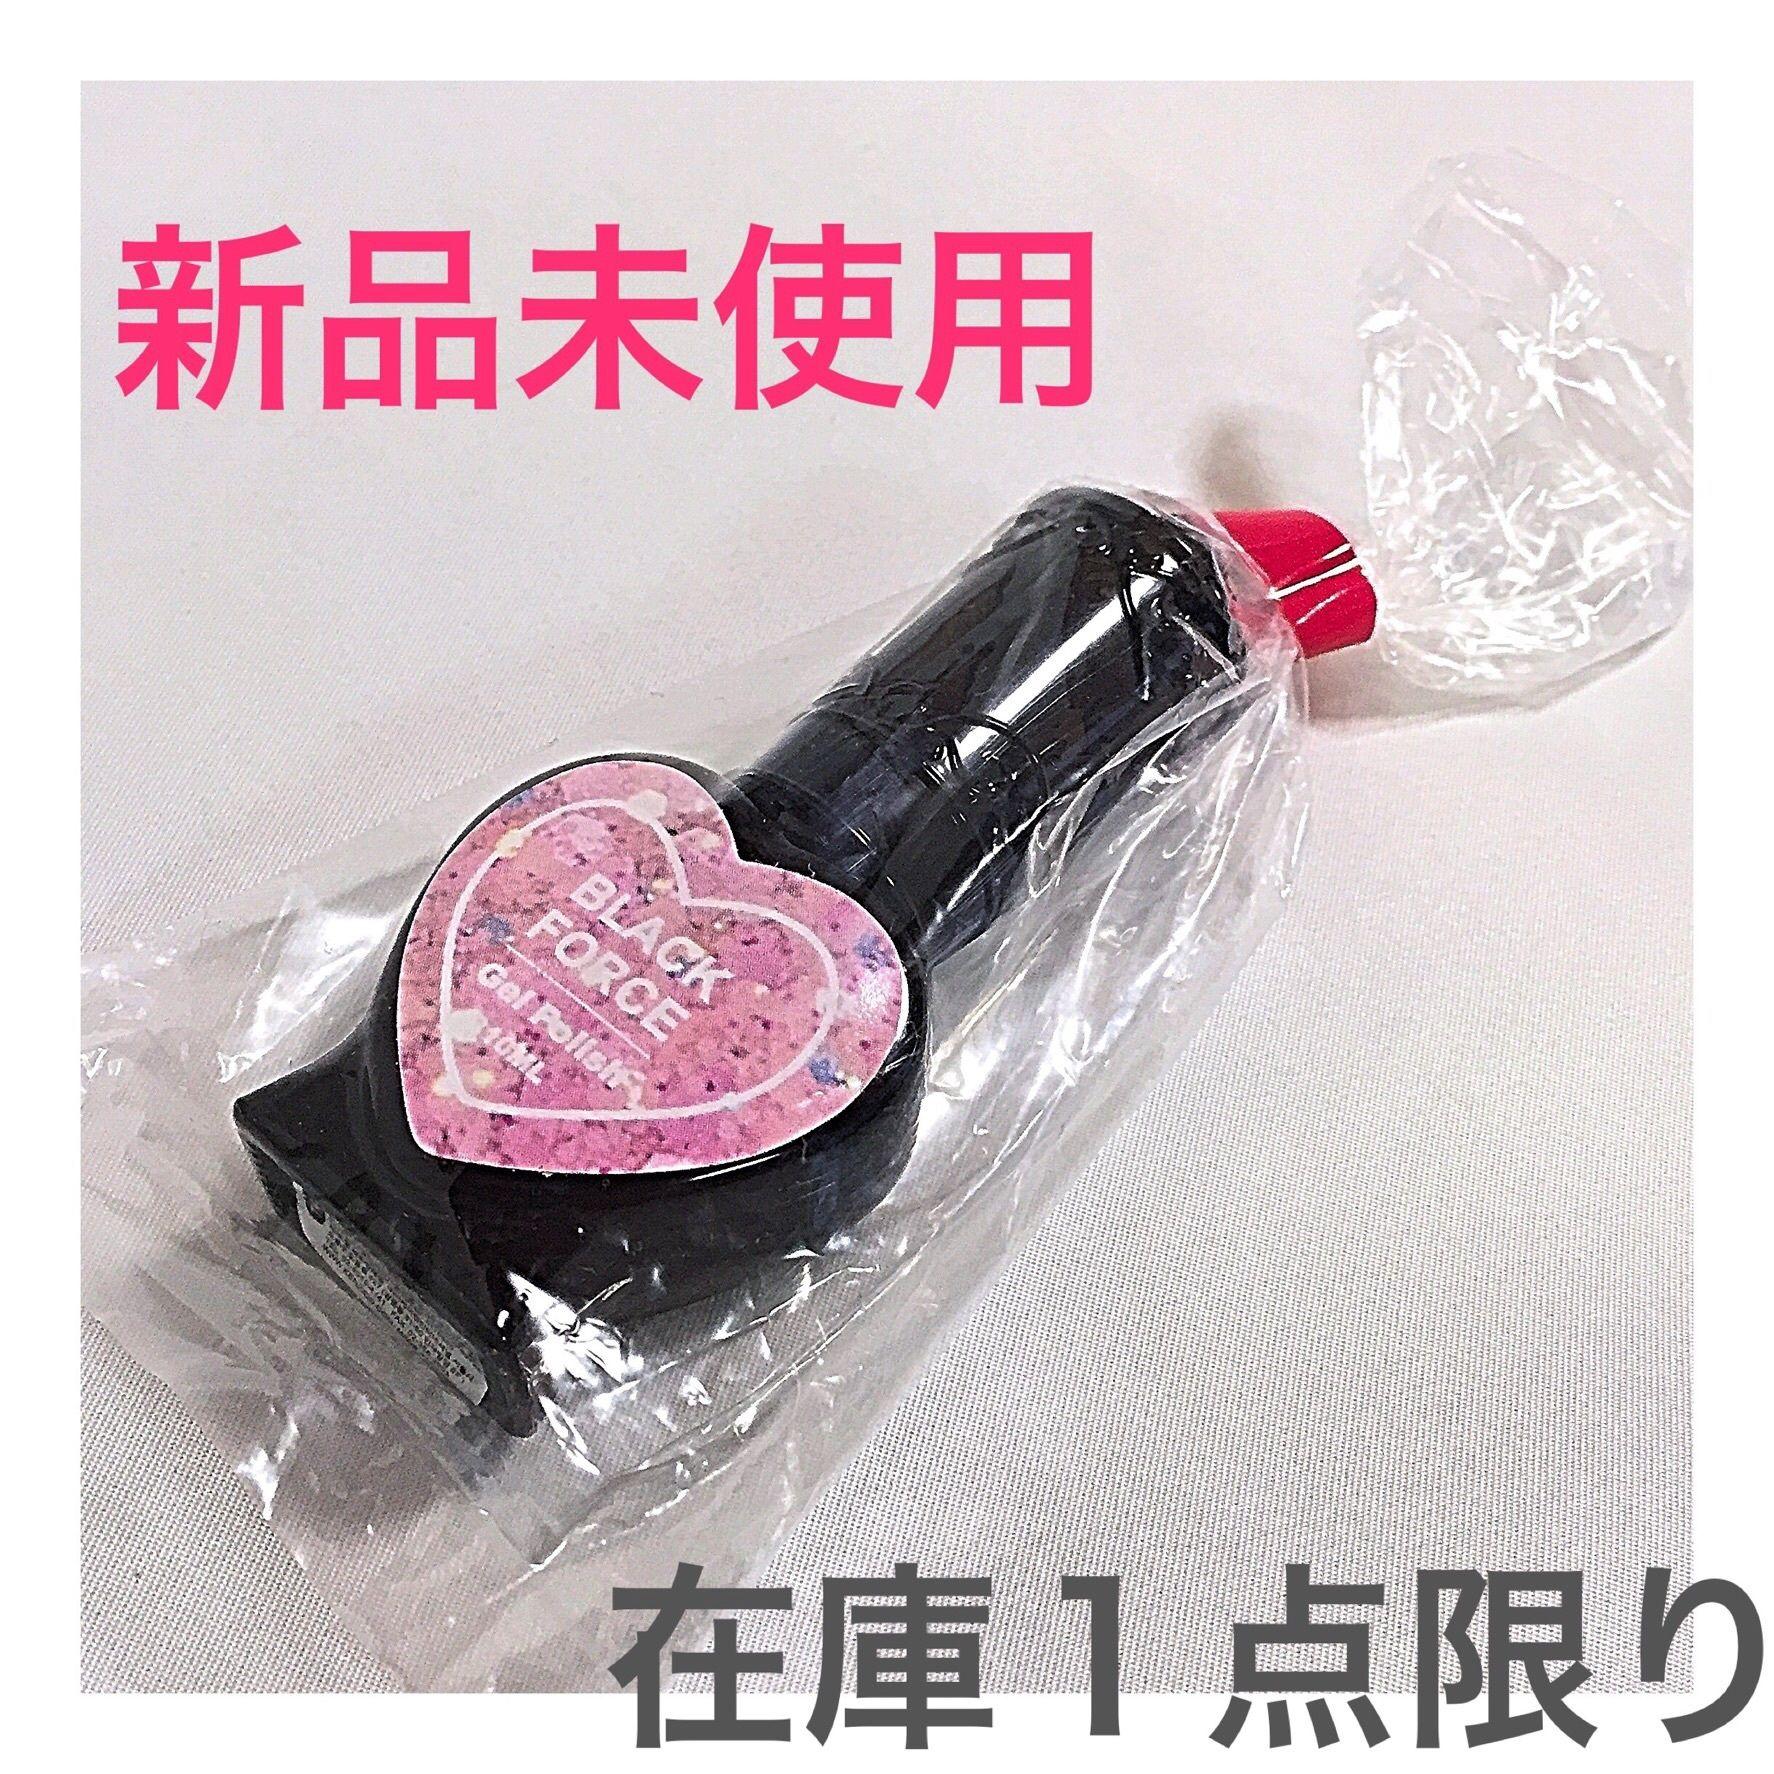 ネイル パステルカラー ピンク 10g